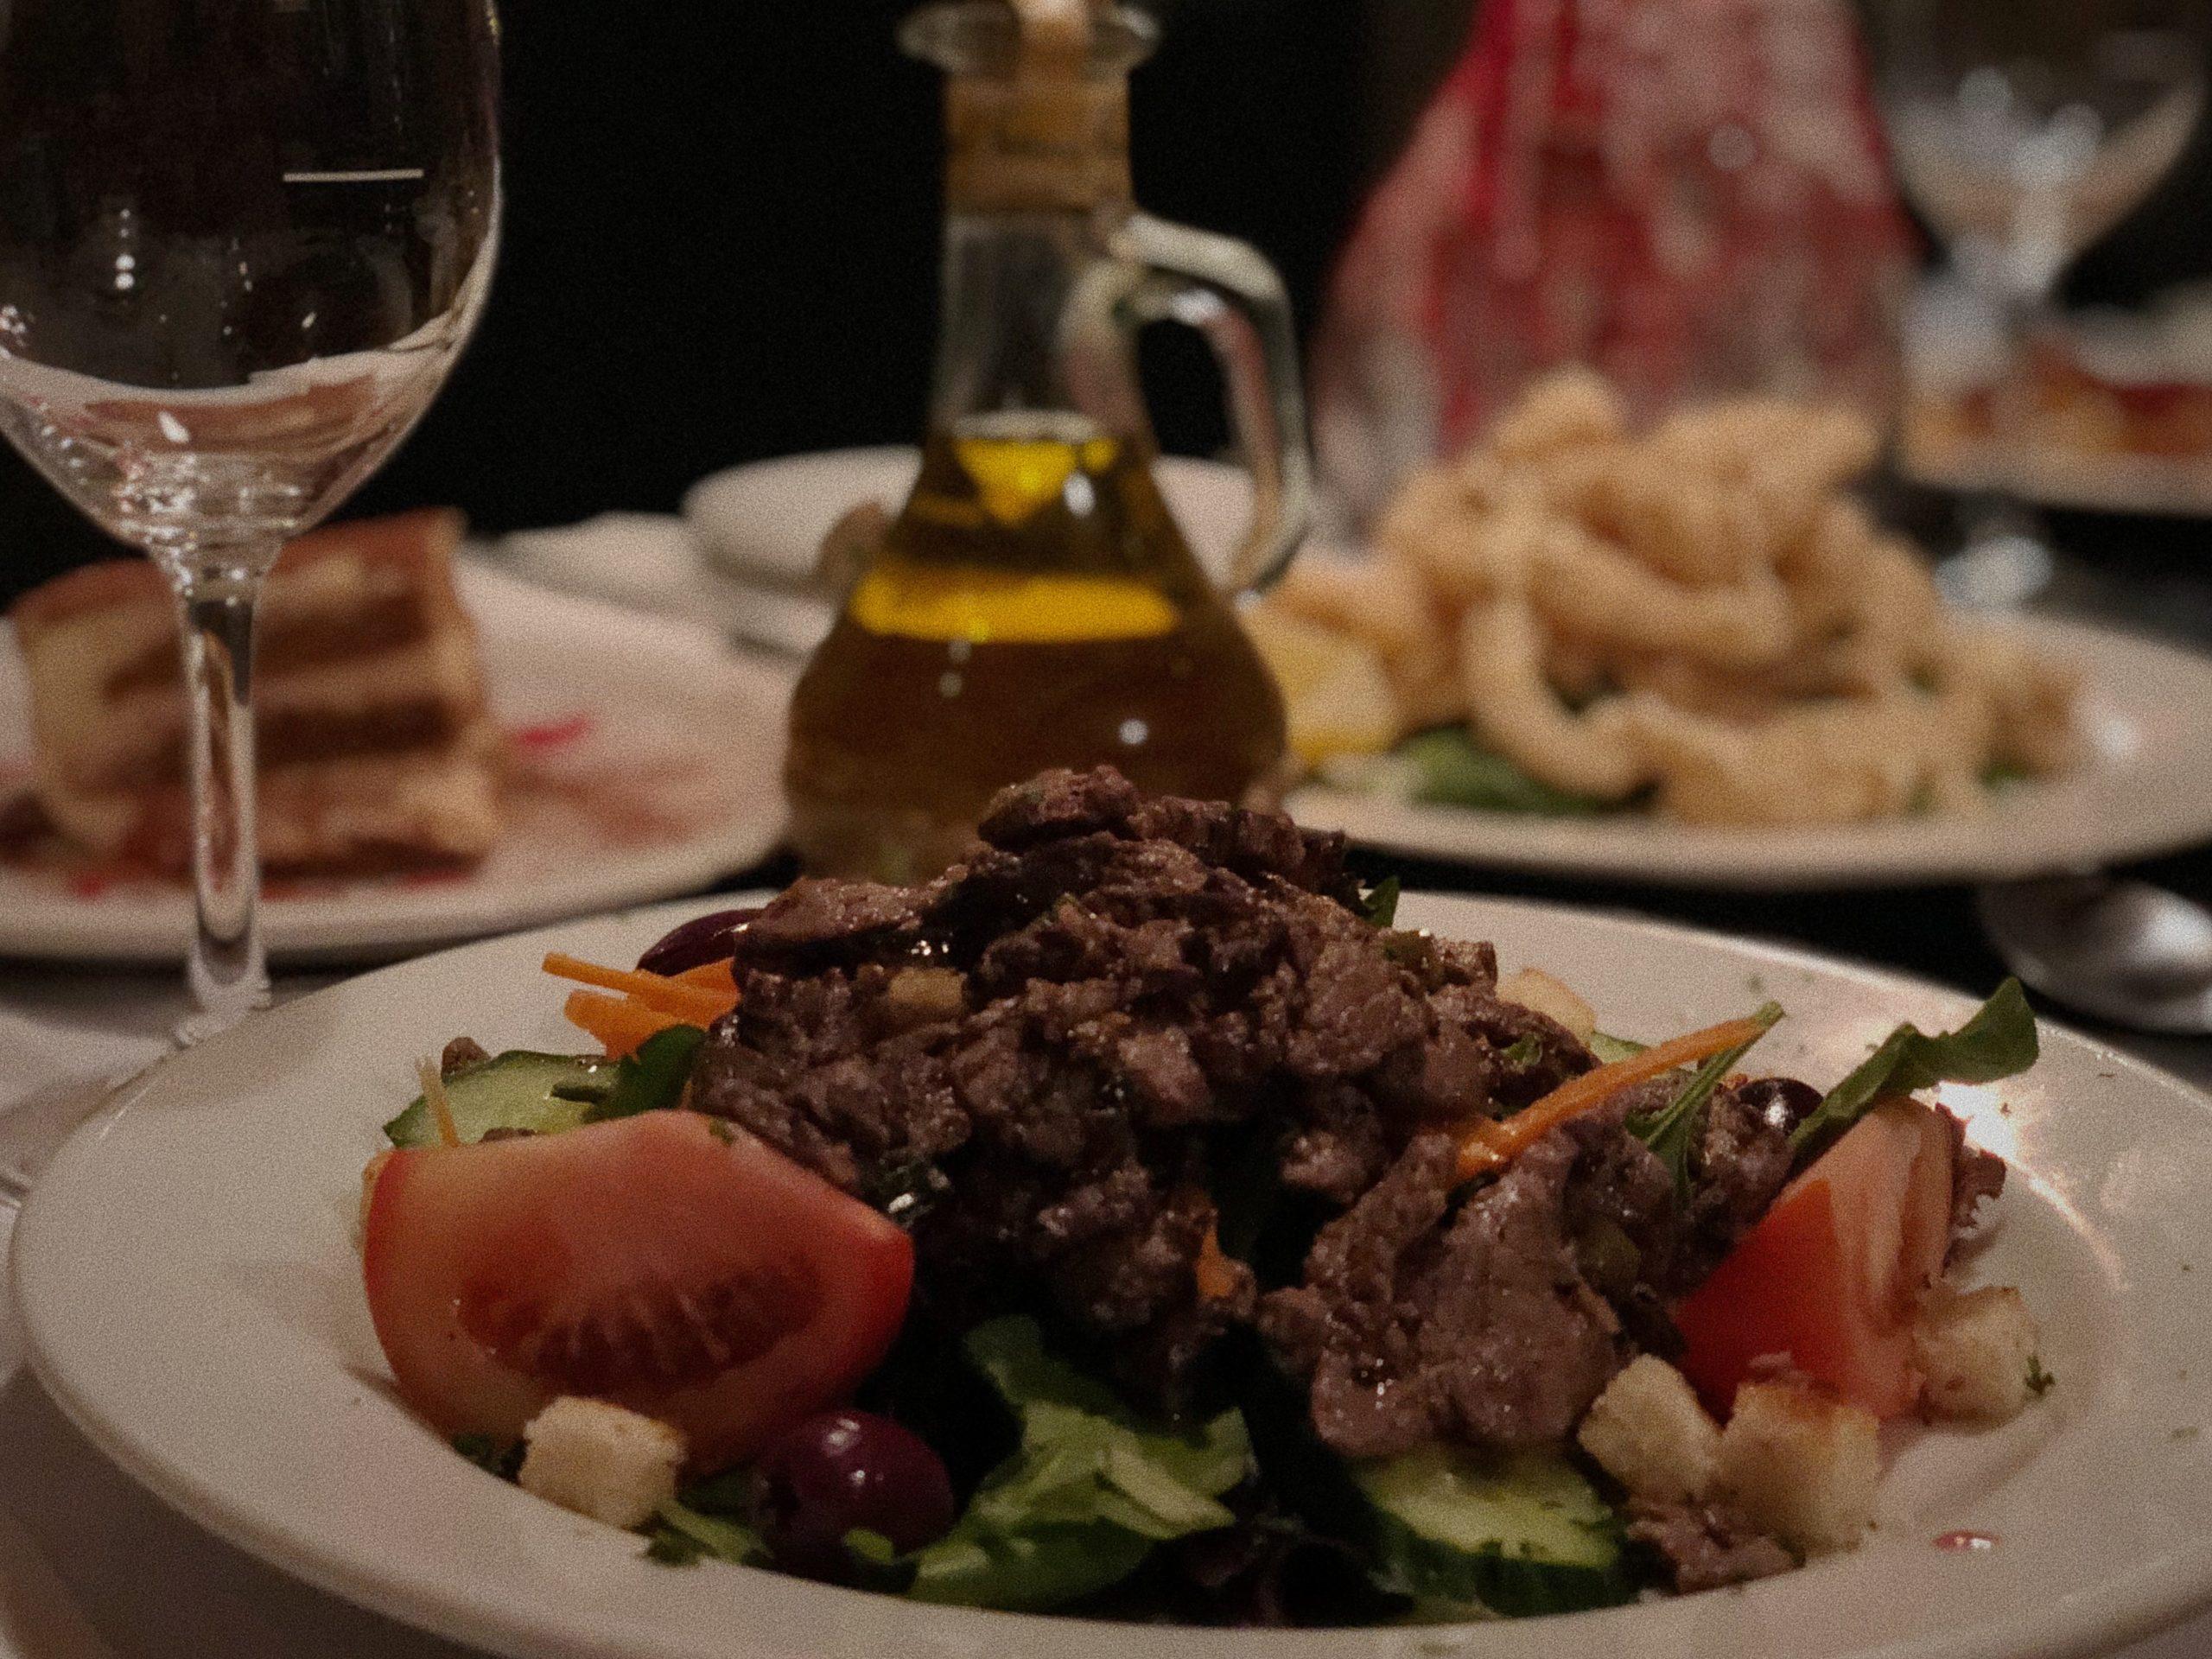 romantic-places-tp-eat-in-melbourne